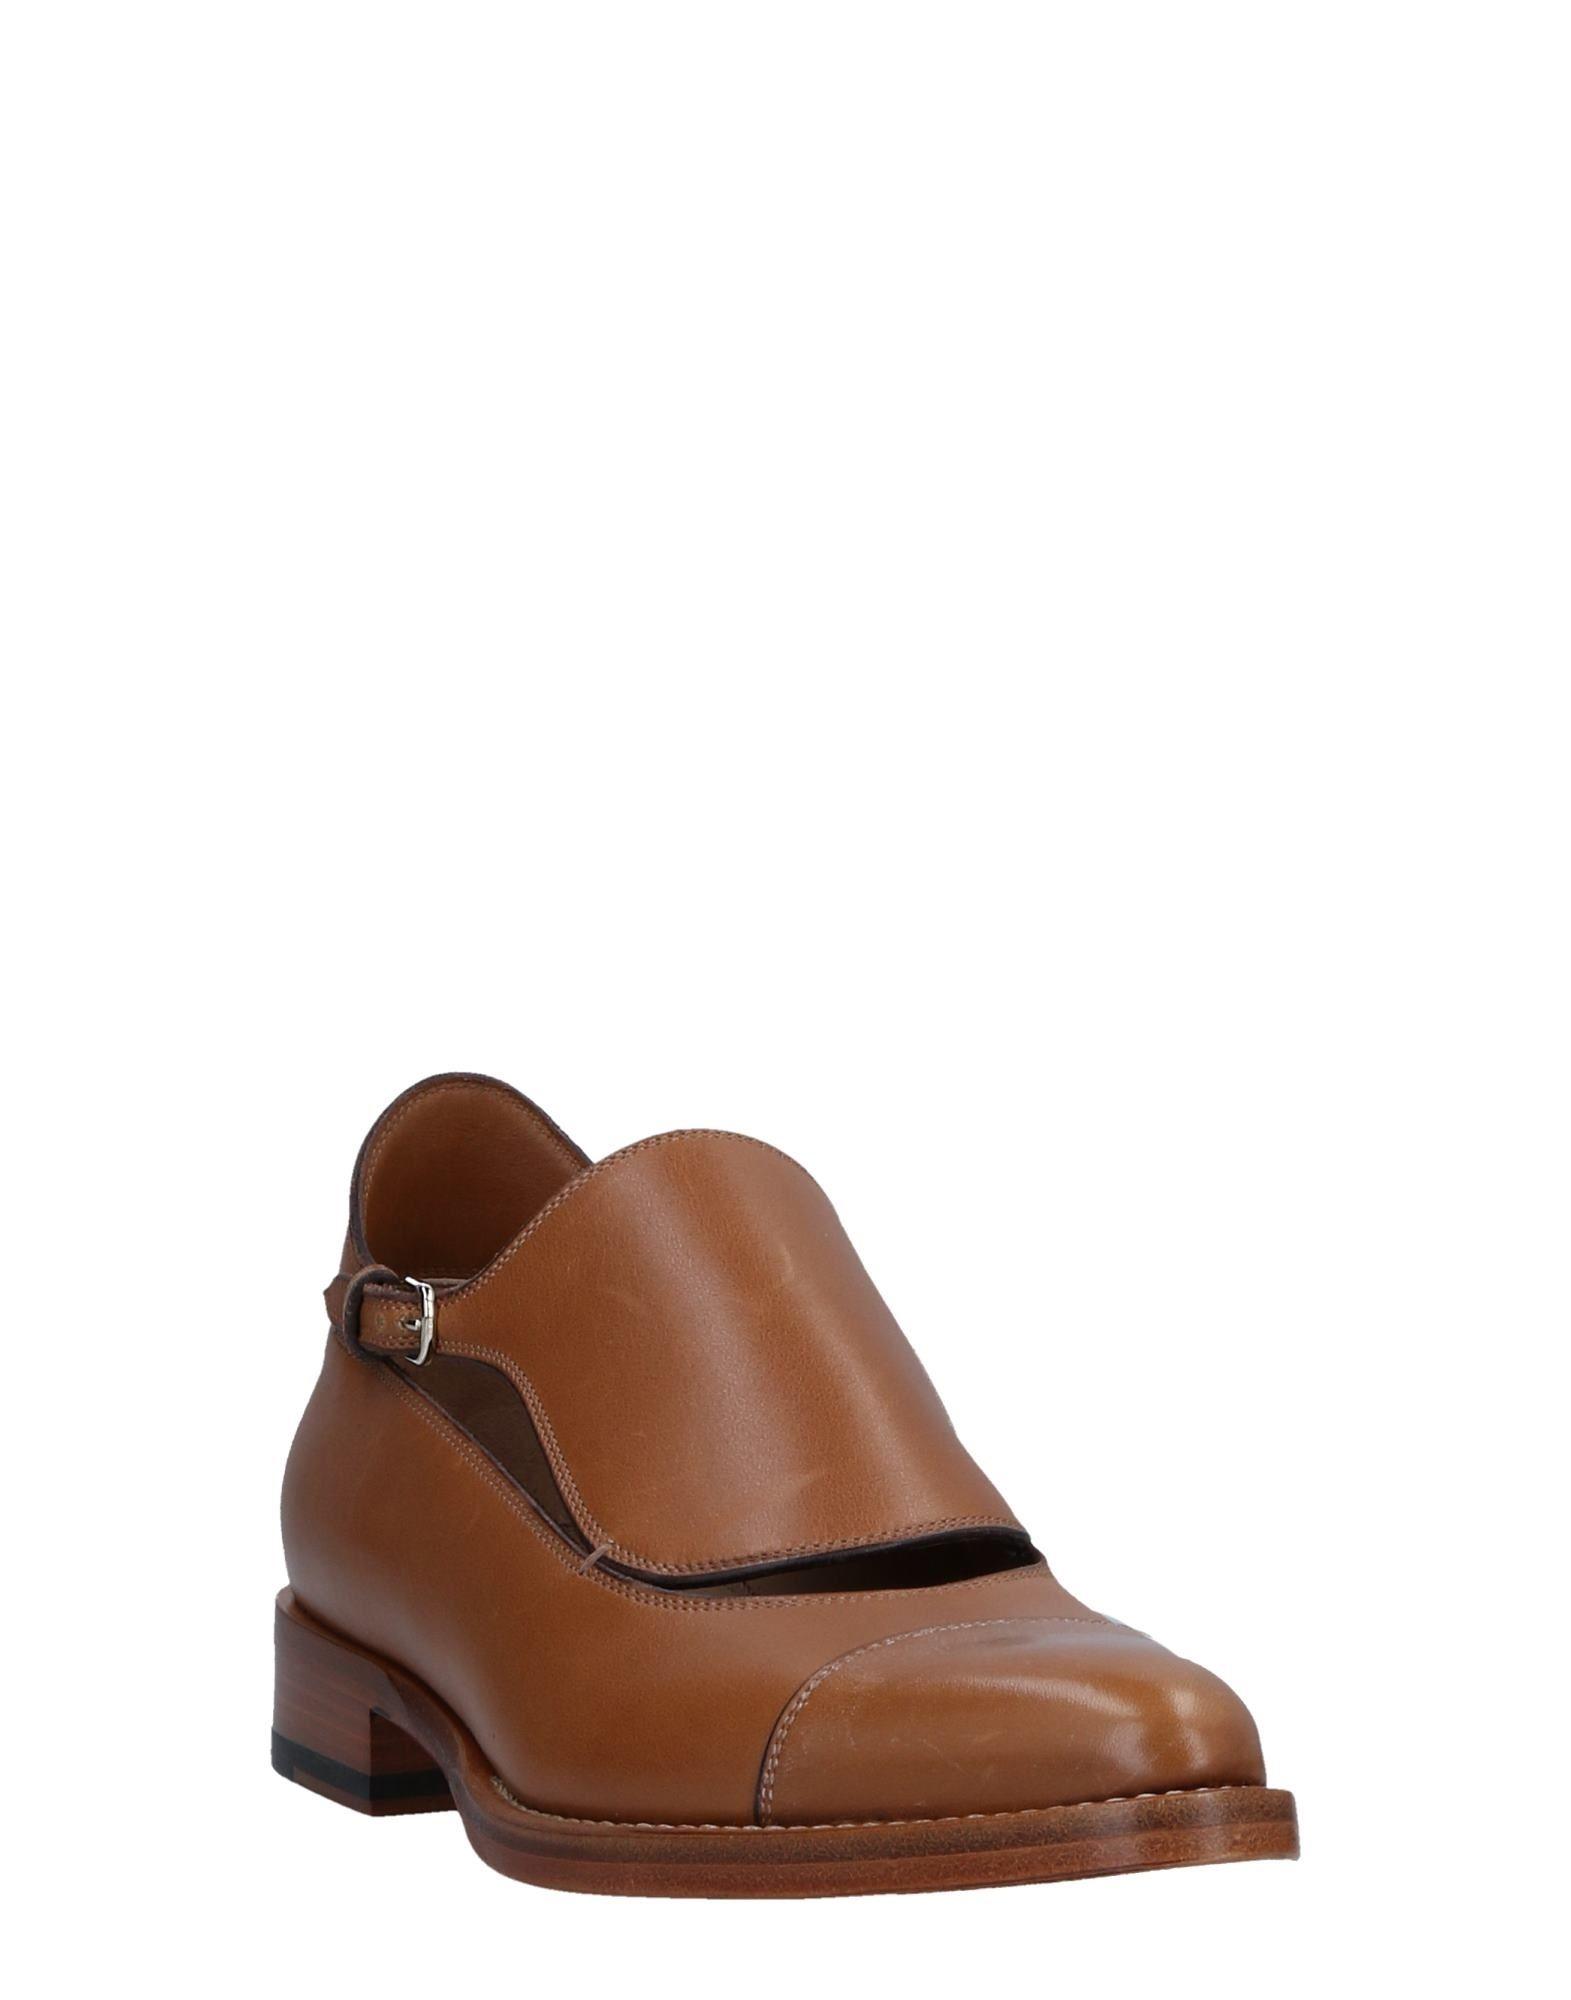 Francesco Russo Mokassins aussehende Damen  11517103VRGünstige gut aussehende Mokassins Schuhe 638bf5